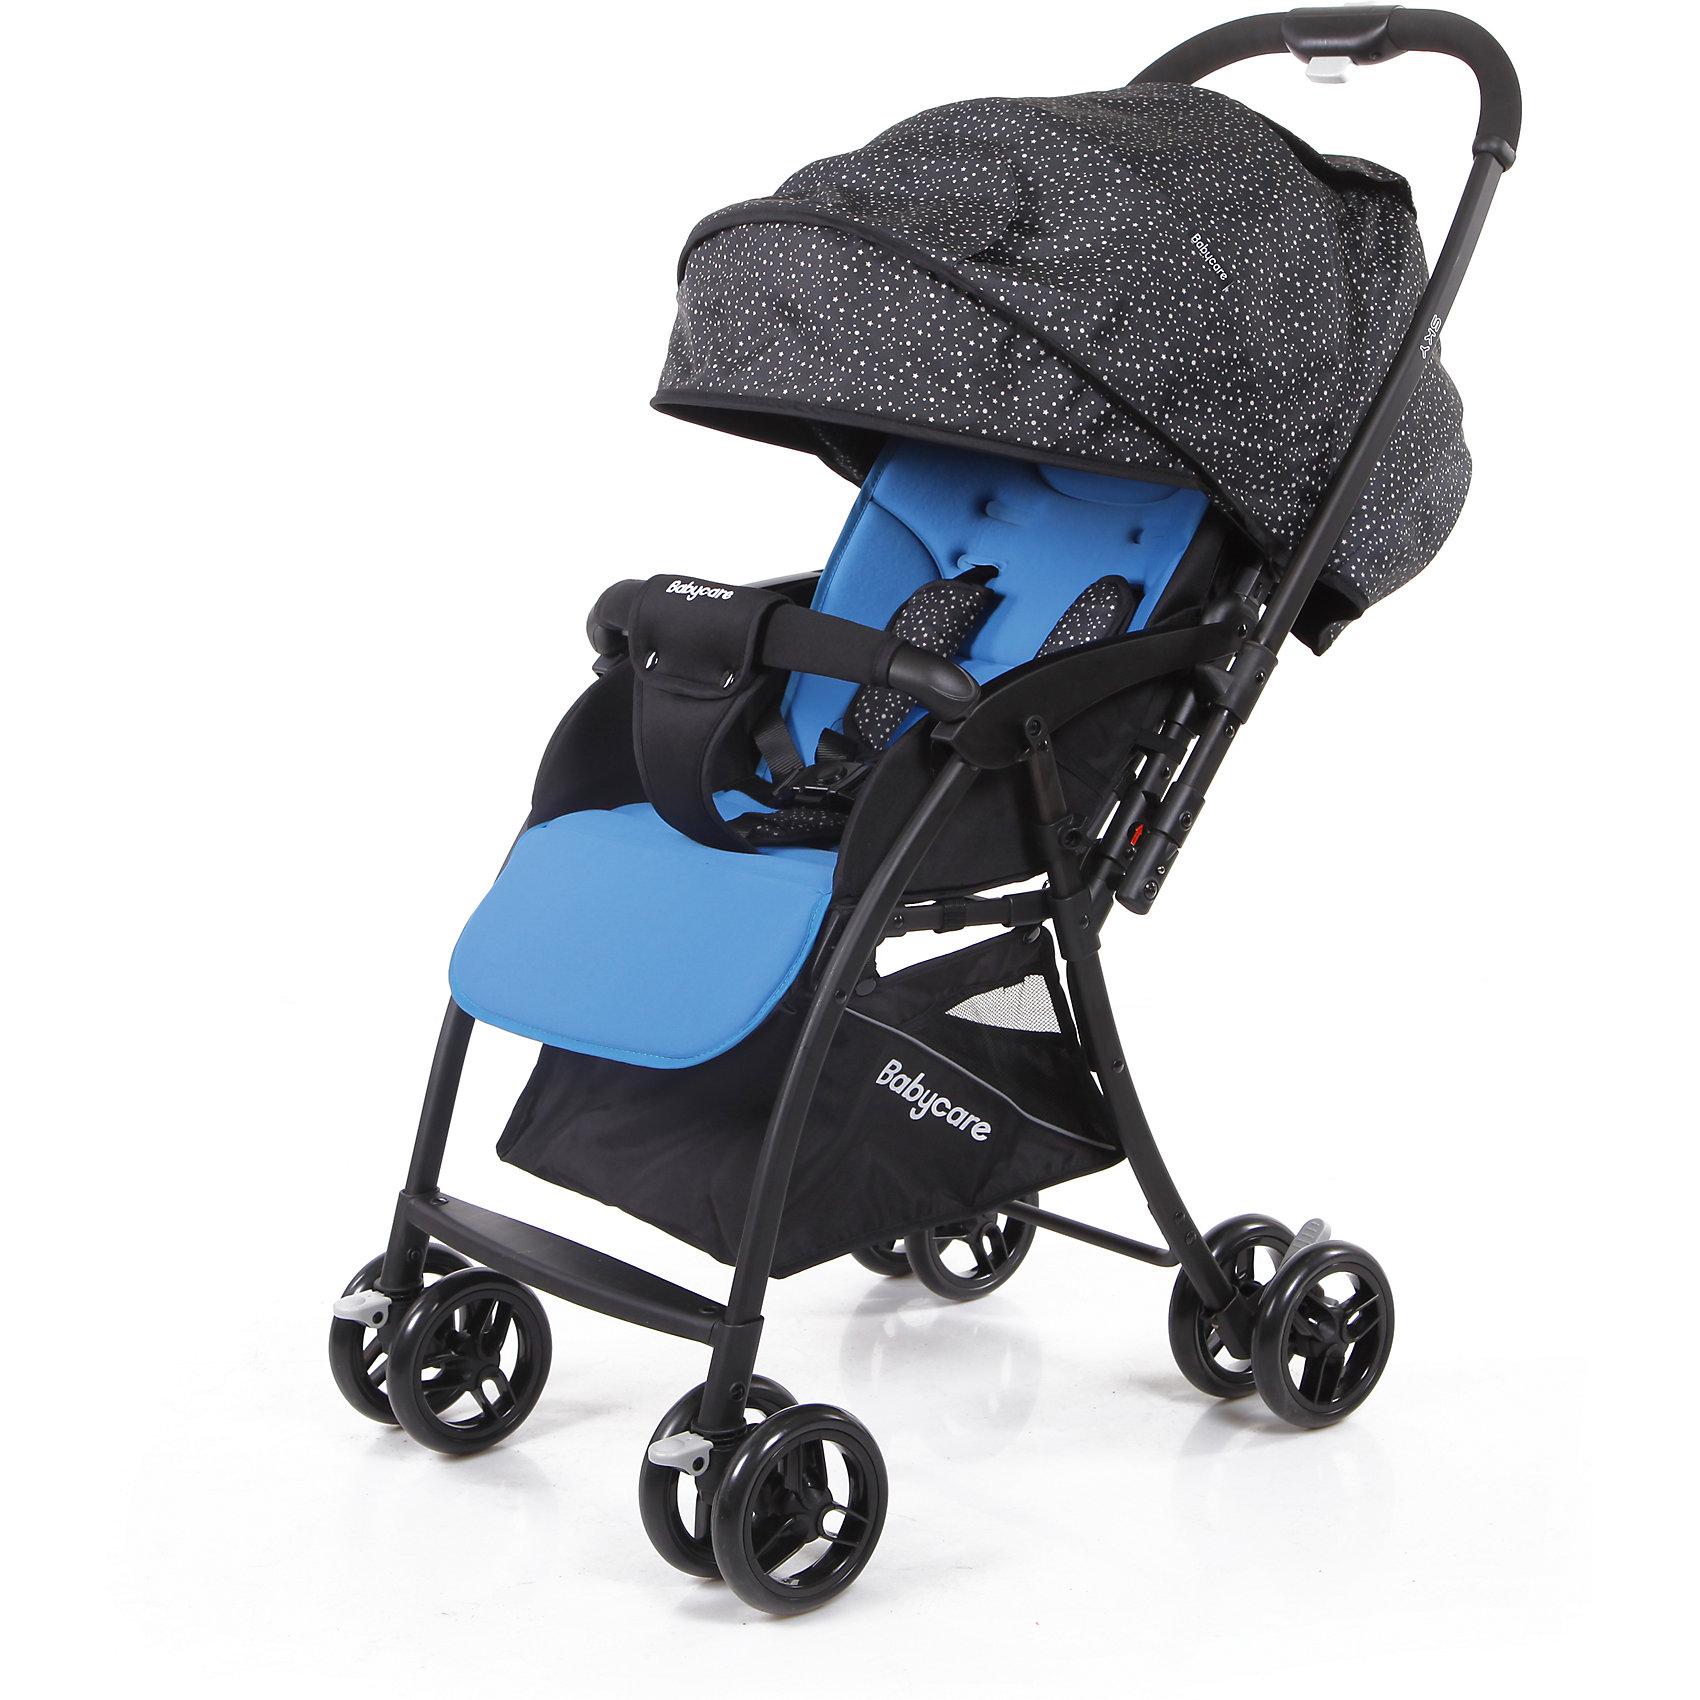 Прогулочная коляска Baby Care Sky, светло-синийПрогулочные коляски<br>Характеристики коляски<br><br>Прогулочный блок:<br><br>• регулируемый угол наклона спинки;<br>• регулируемая подножка;<br>• 5-ти точечные ремни безопасности;<br>• бампер обтянут мягкой тканью, отводится в сторону;<br>• капюшон оснащен смотровыми окошками;<br>• чехол на ножки защищает от ветра и непогоды;<br>• корзина для покупок вмещает до 3 кг;<br>• материал: пластик, полиэстер.<br><br>Рама коляски: <br><br>• перекидная ручка коляски;<br>• сдвоенные колеса;<br>• плавающие передние колеса с ручной фиксацией;<br>• амортизация передних колес;<br>• тип складывания: книжка;<br>• стоит в вертикальном положении в сложенном состоянии;<br>• тип тормоза – ножной;<br>• коляска складывается одной рукой;<br>• материал рамы: алюминий.<br><br>Размеры:<br><br>• размер коляски: 83х47х98 см;<br>• размер в сложенном виде: 30х47х93 см;<br>• диаметр колес: 13,4 см;<br>• ширина сиденья: 34 см;<br>• размер корзины: 31х31х18 см;<br>• вес коляски: 4,7 кг;<br>• размер упаковки: 73х46х21 см;<br>• вес в упаковке: 6,2 кг. <br><br>Прогулочную коляску Baby Care Sky, цвет светло-синий можно купить в нашем интернет-магазине.<br><br>Ширина мм: 730<br>Глубина мм: 460<br>Высота мм: 210<br>Вес г: 6200<br>Возраст от месяцев: 6<br>Возраст до месяцев: 36<br>Пол: Унисекс<br>Возраст: Детский<br>SKU: 6668624